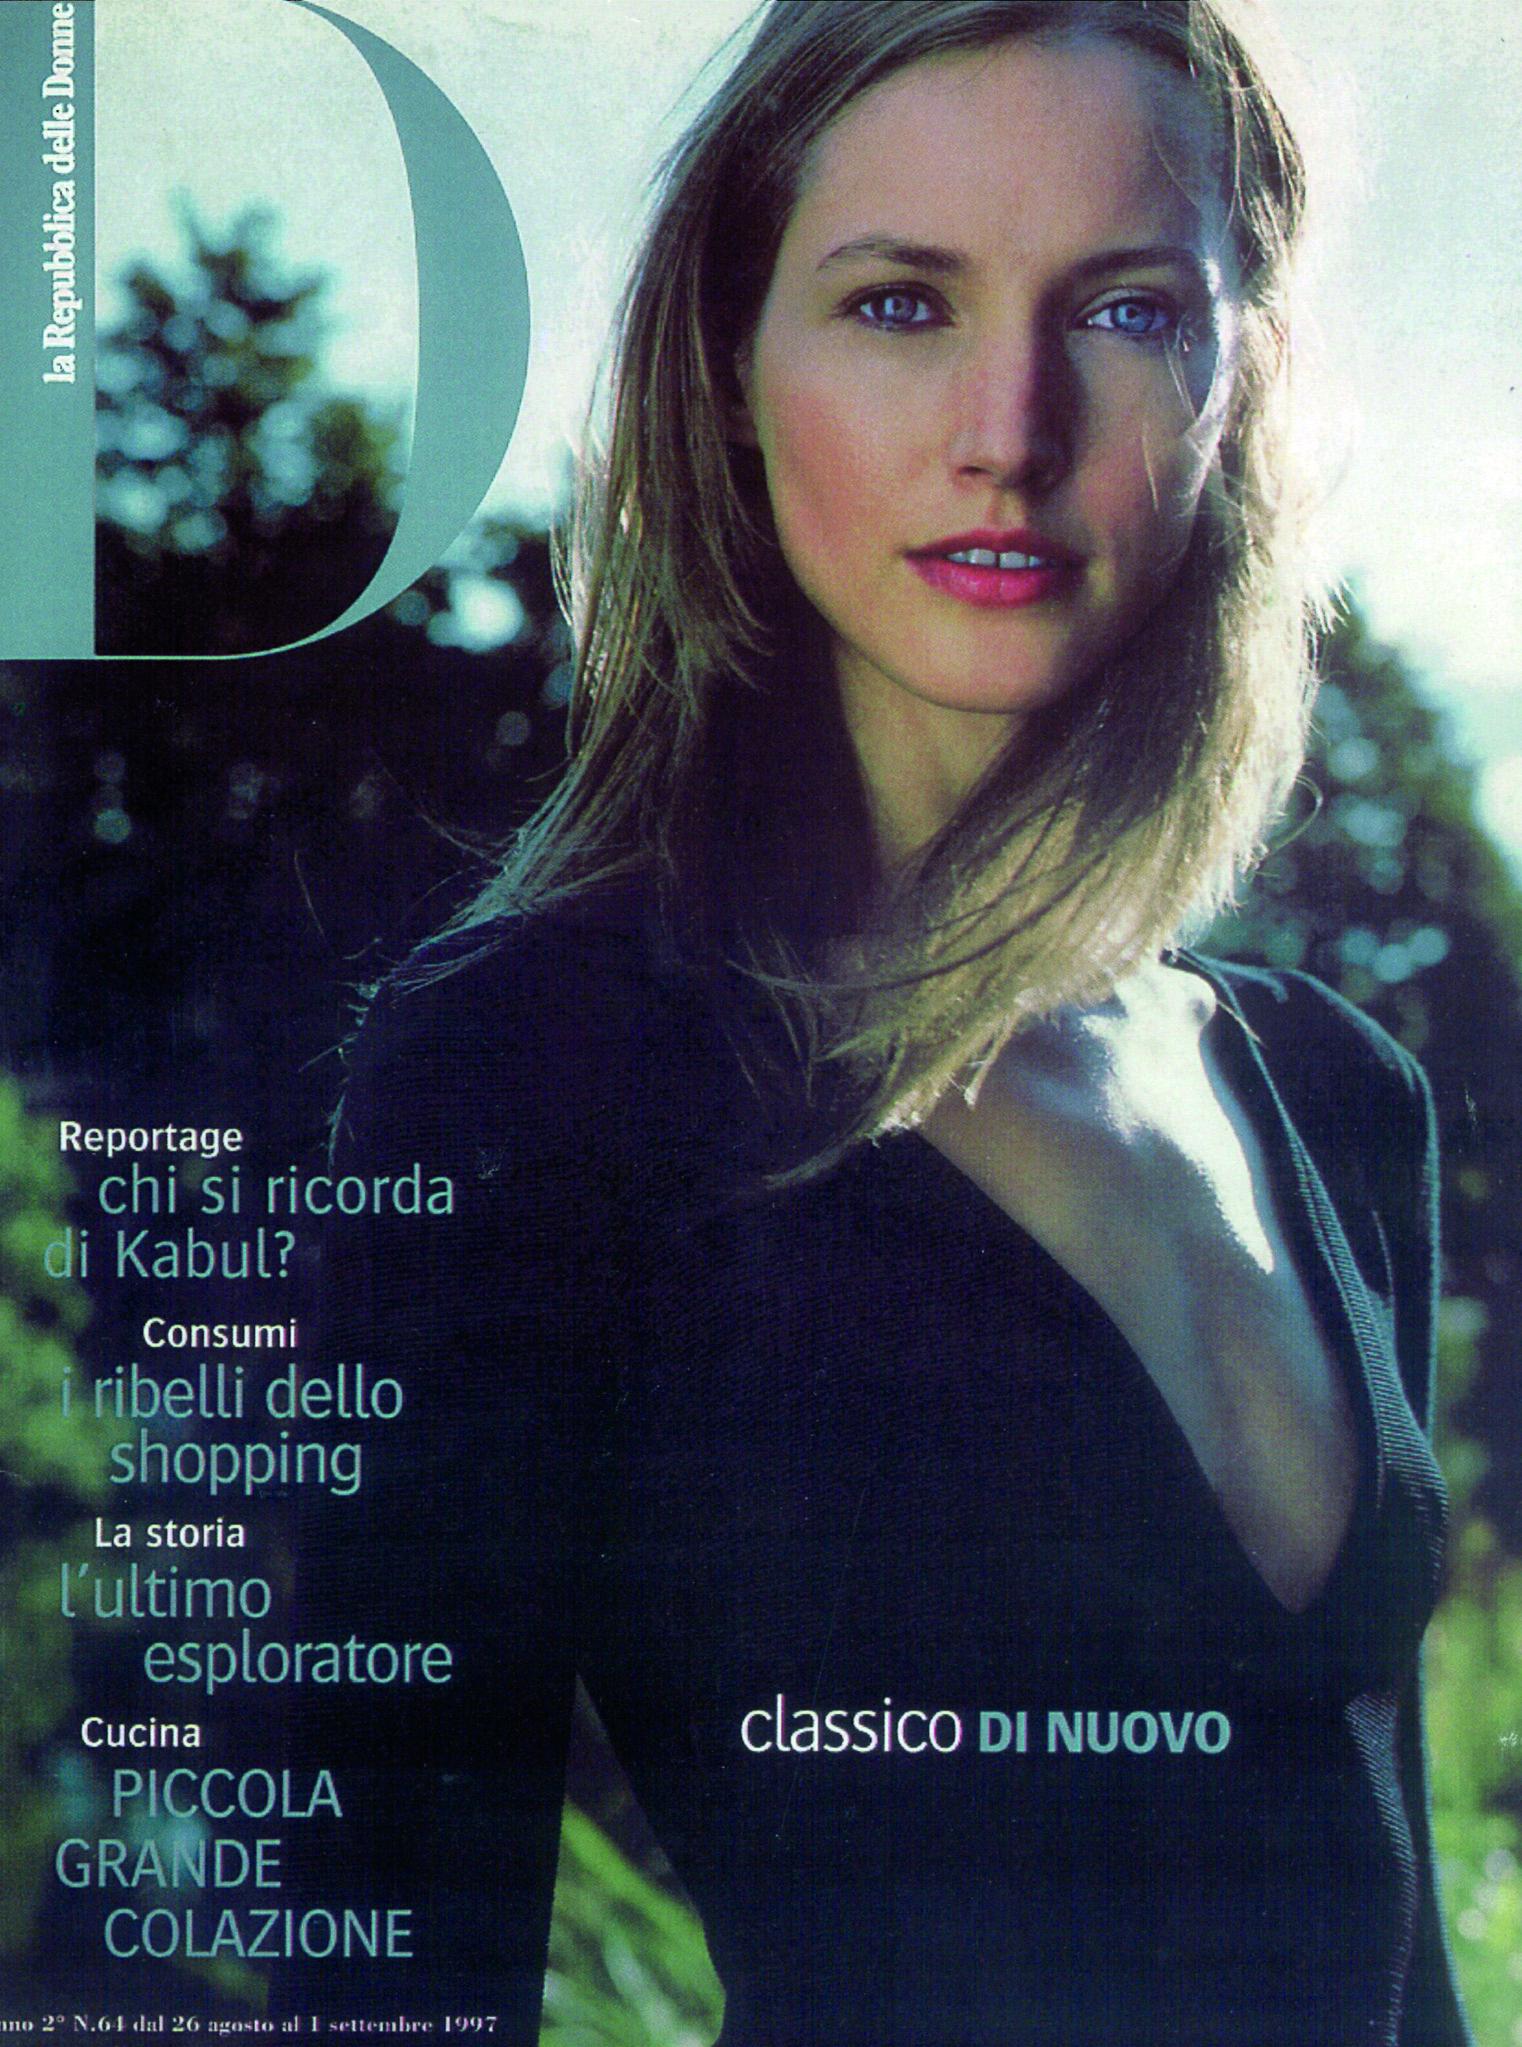 Cecilia_02.JPG